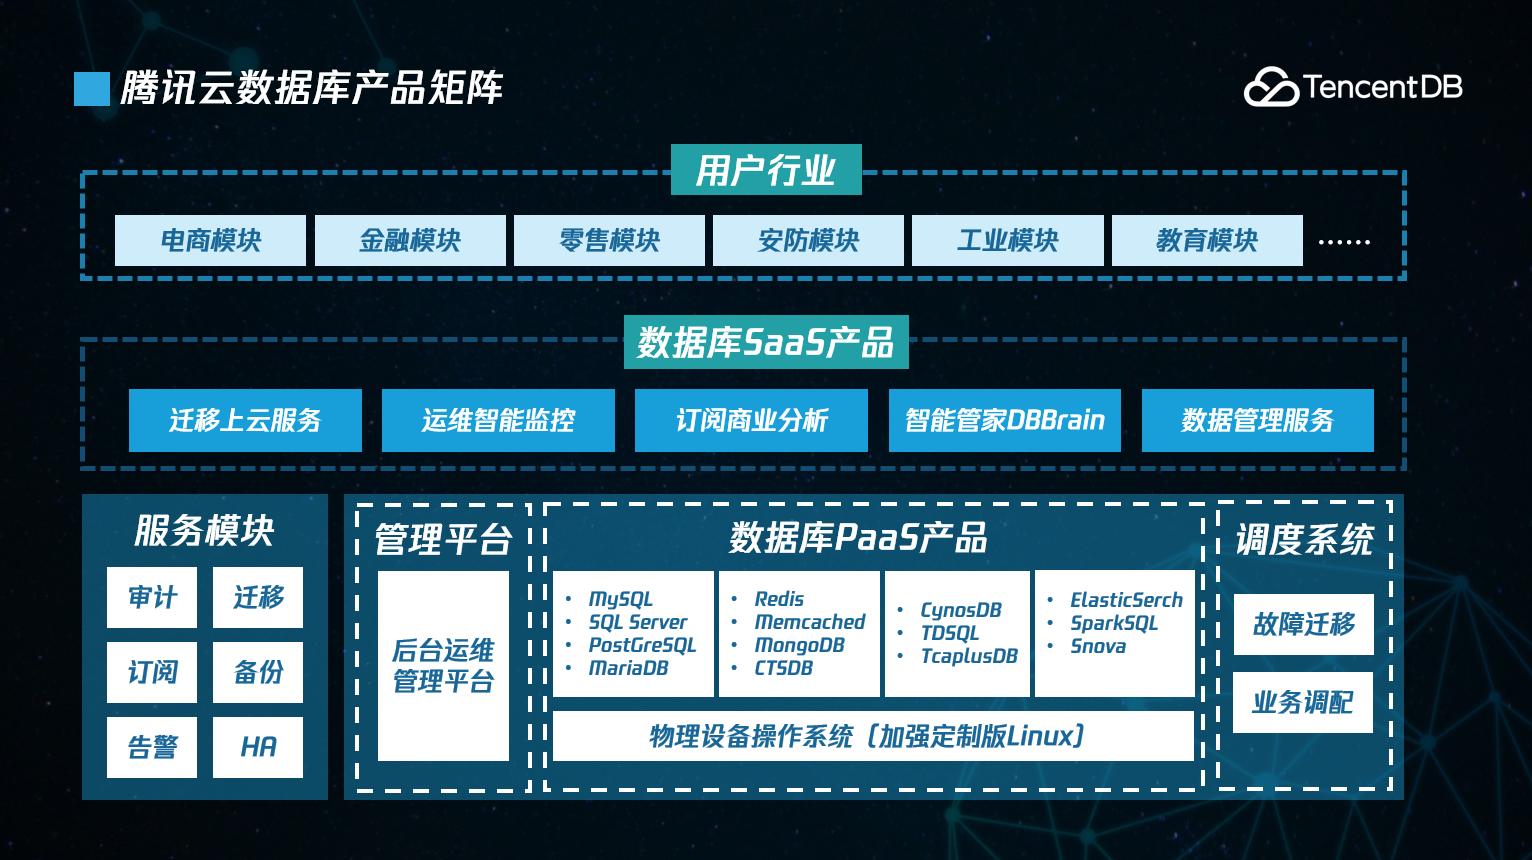 20+款数据库产品,腾讯云数据库战略升级的背后